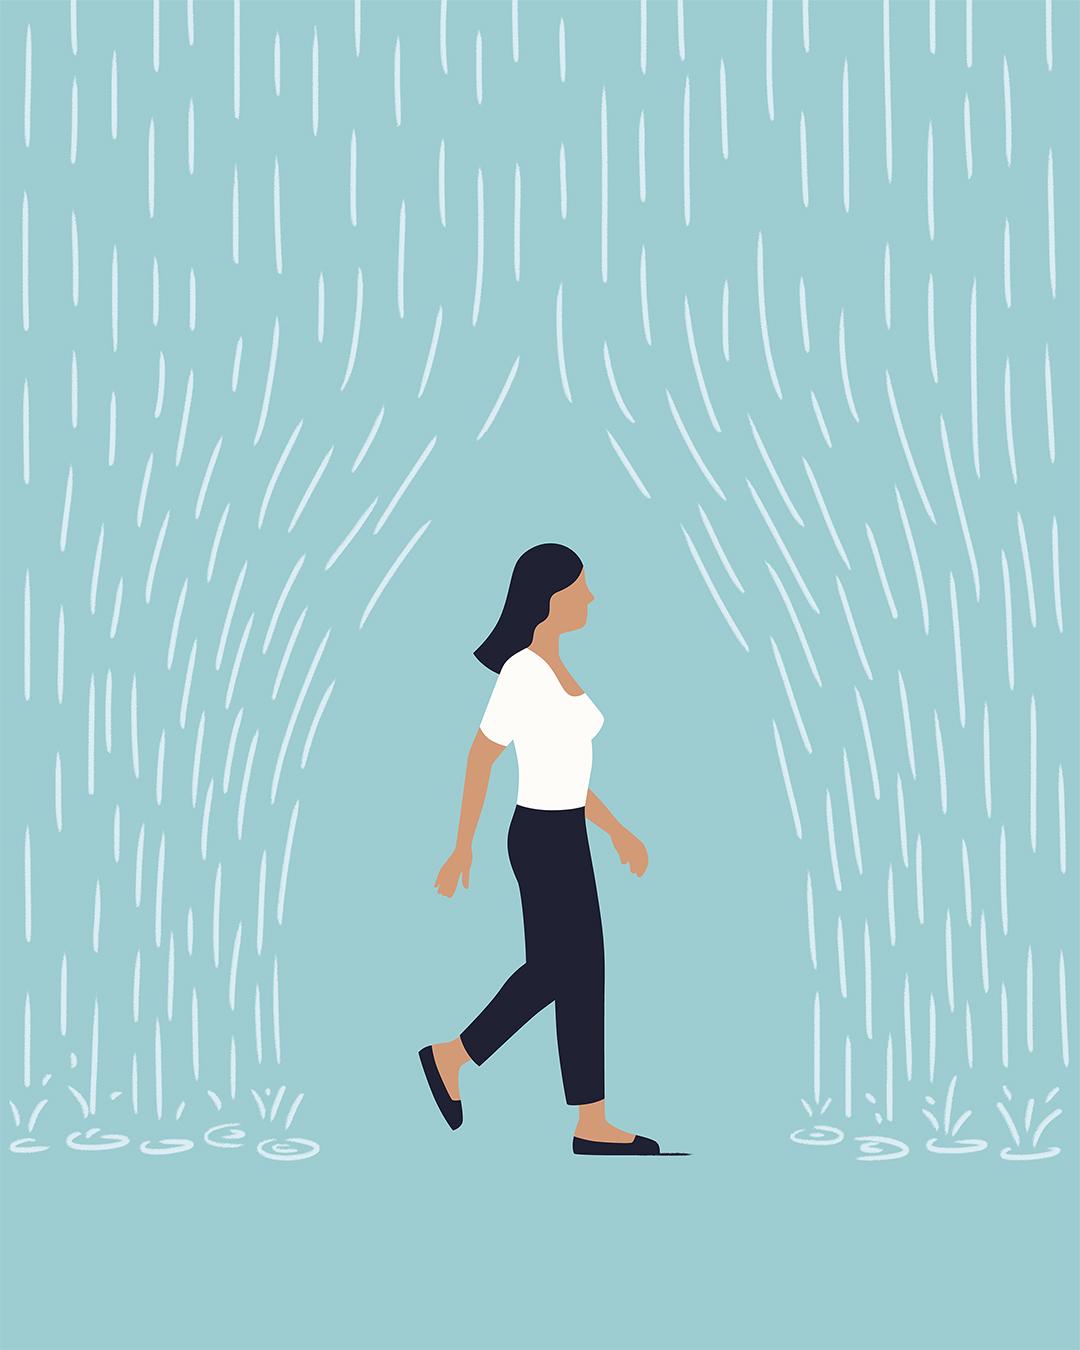 Egy nő sétál egy esőfüggöny alatt, ami nem éri őt - reziliencia.